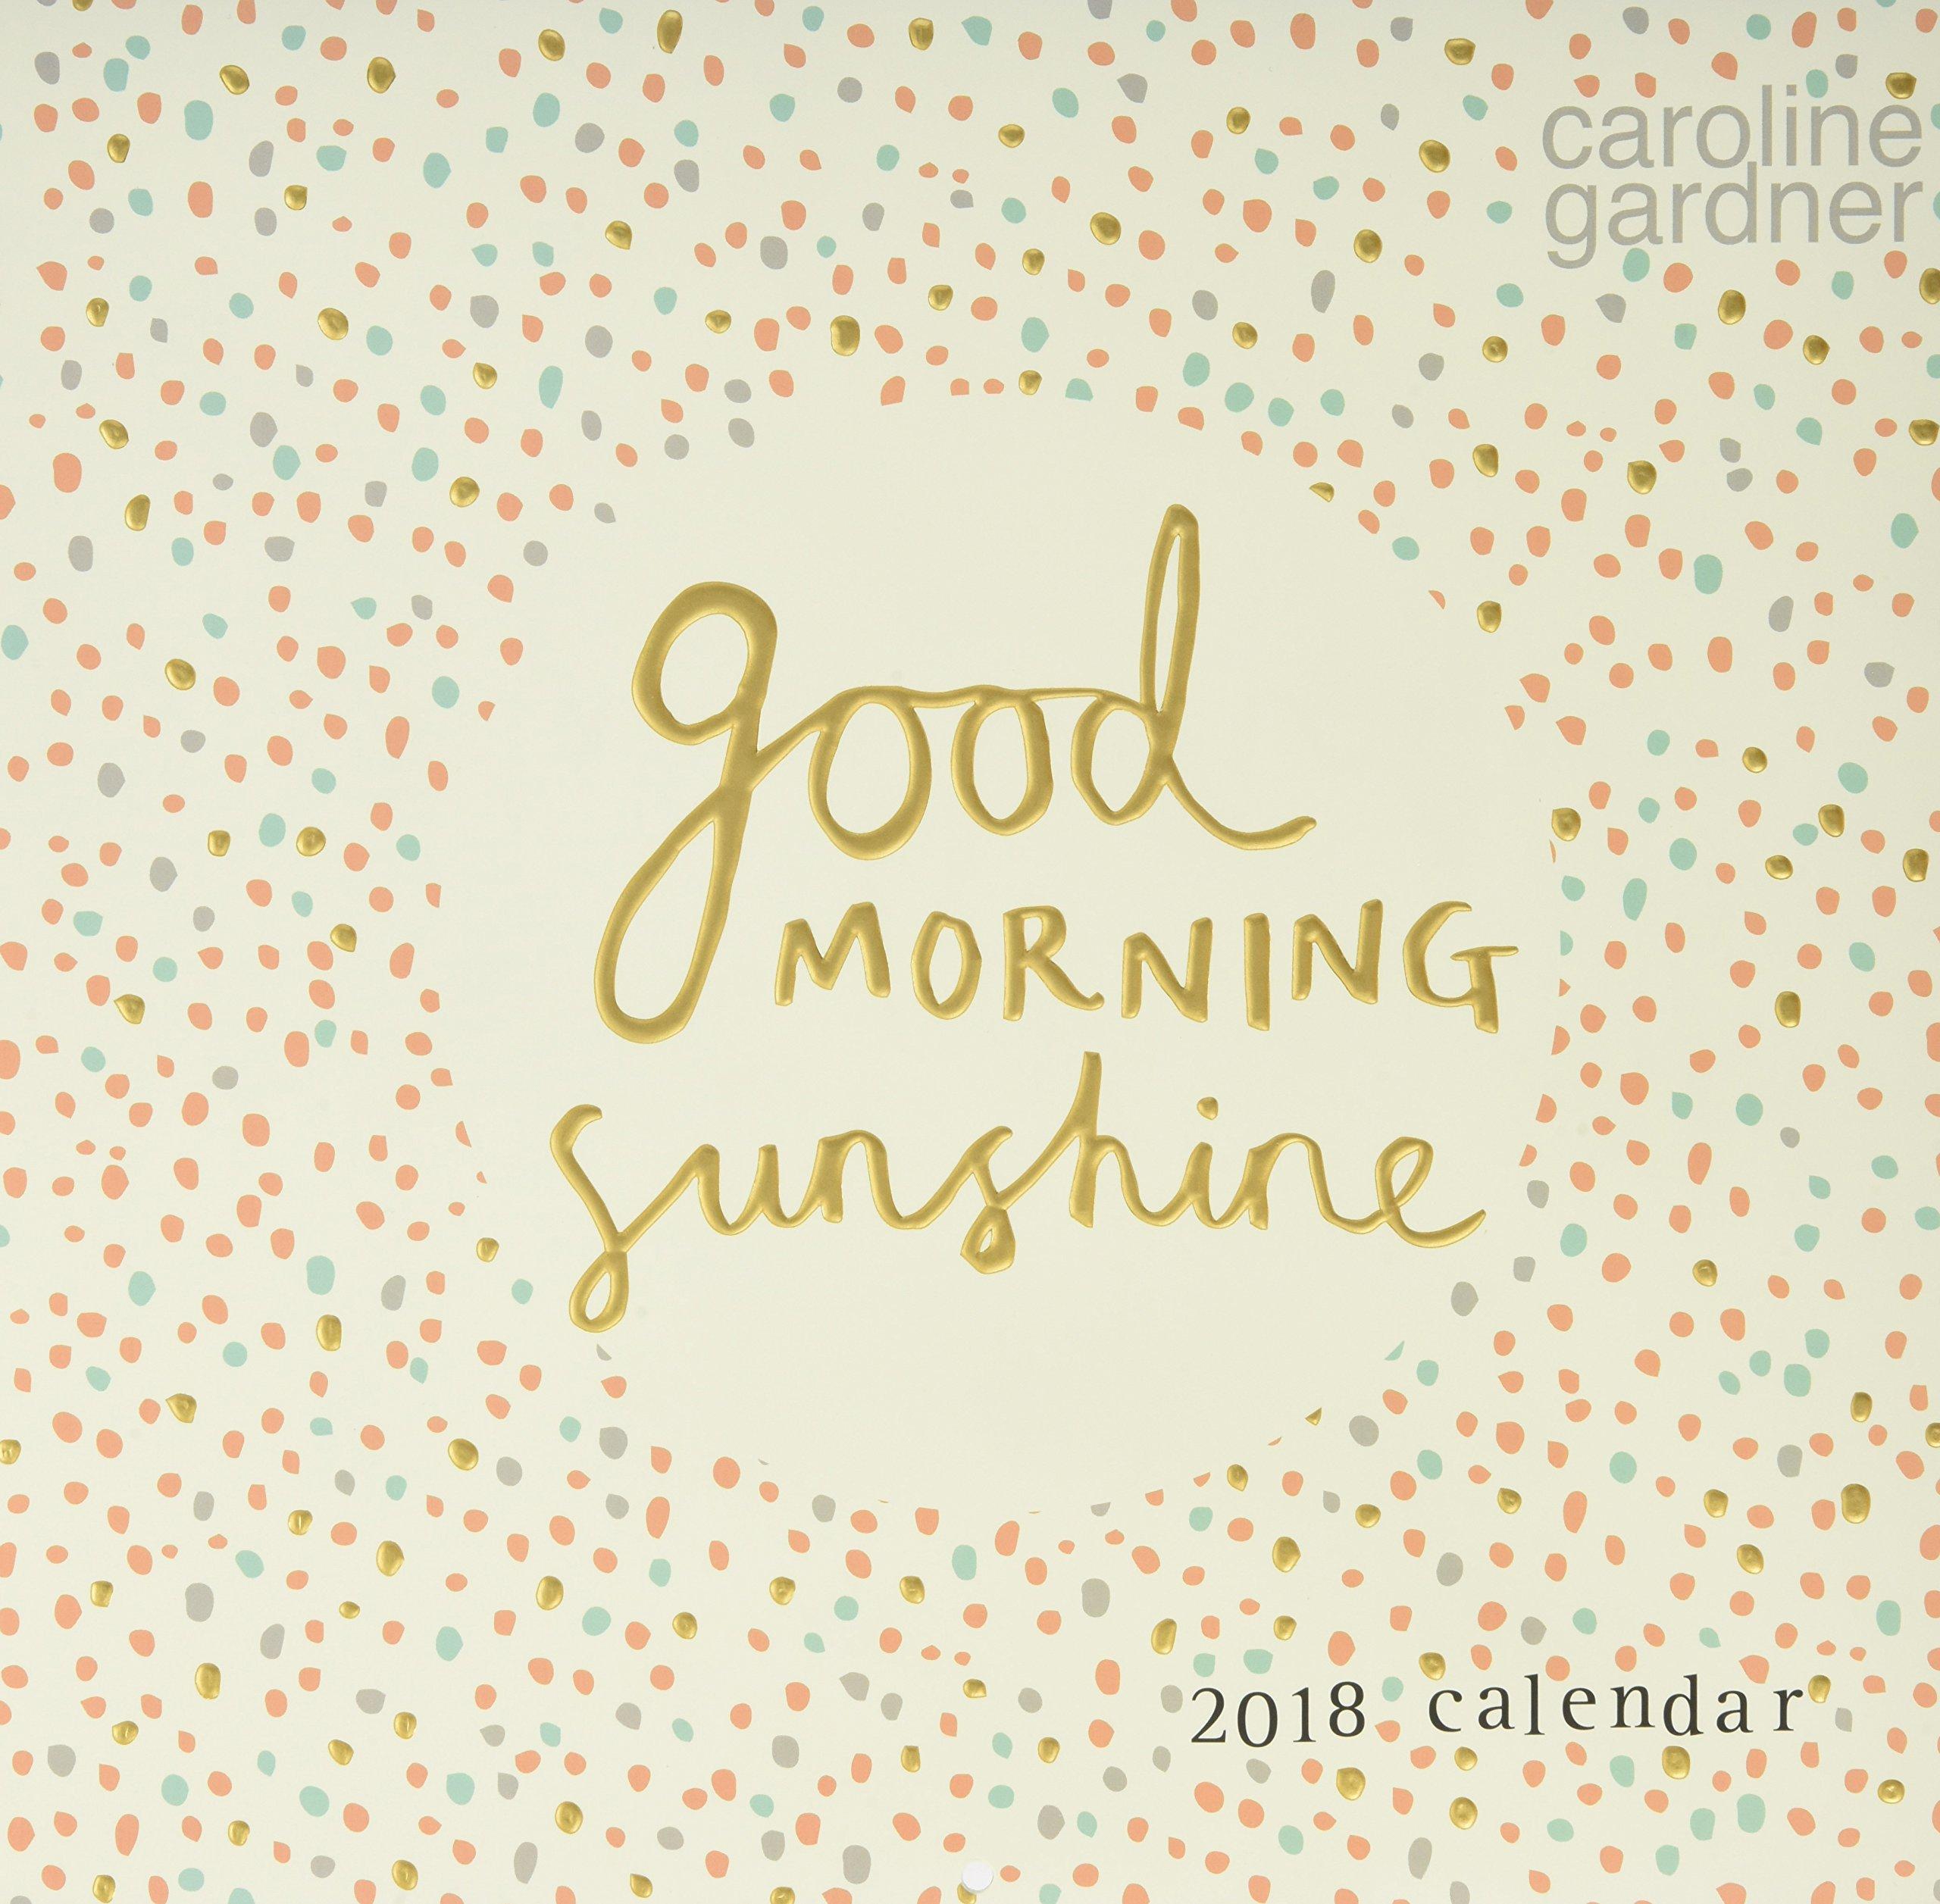 Hey You Design Portico Designs Ltd Caroline Gardner Square Calendar 2019